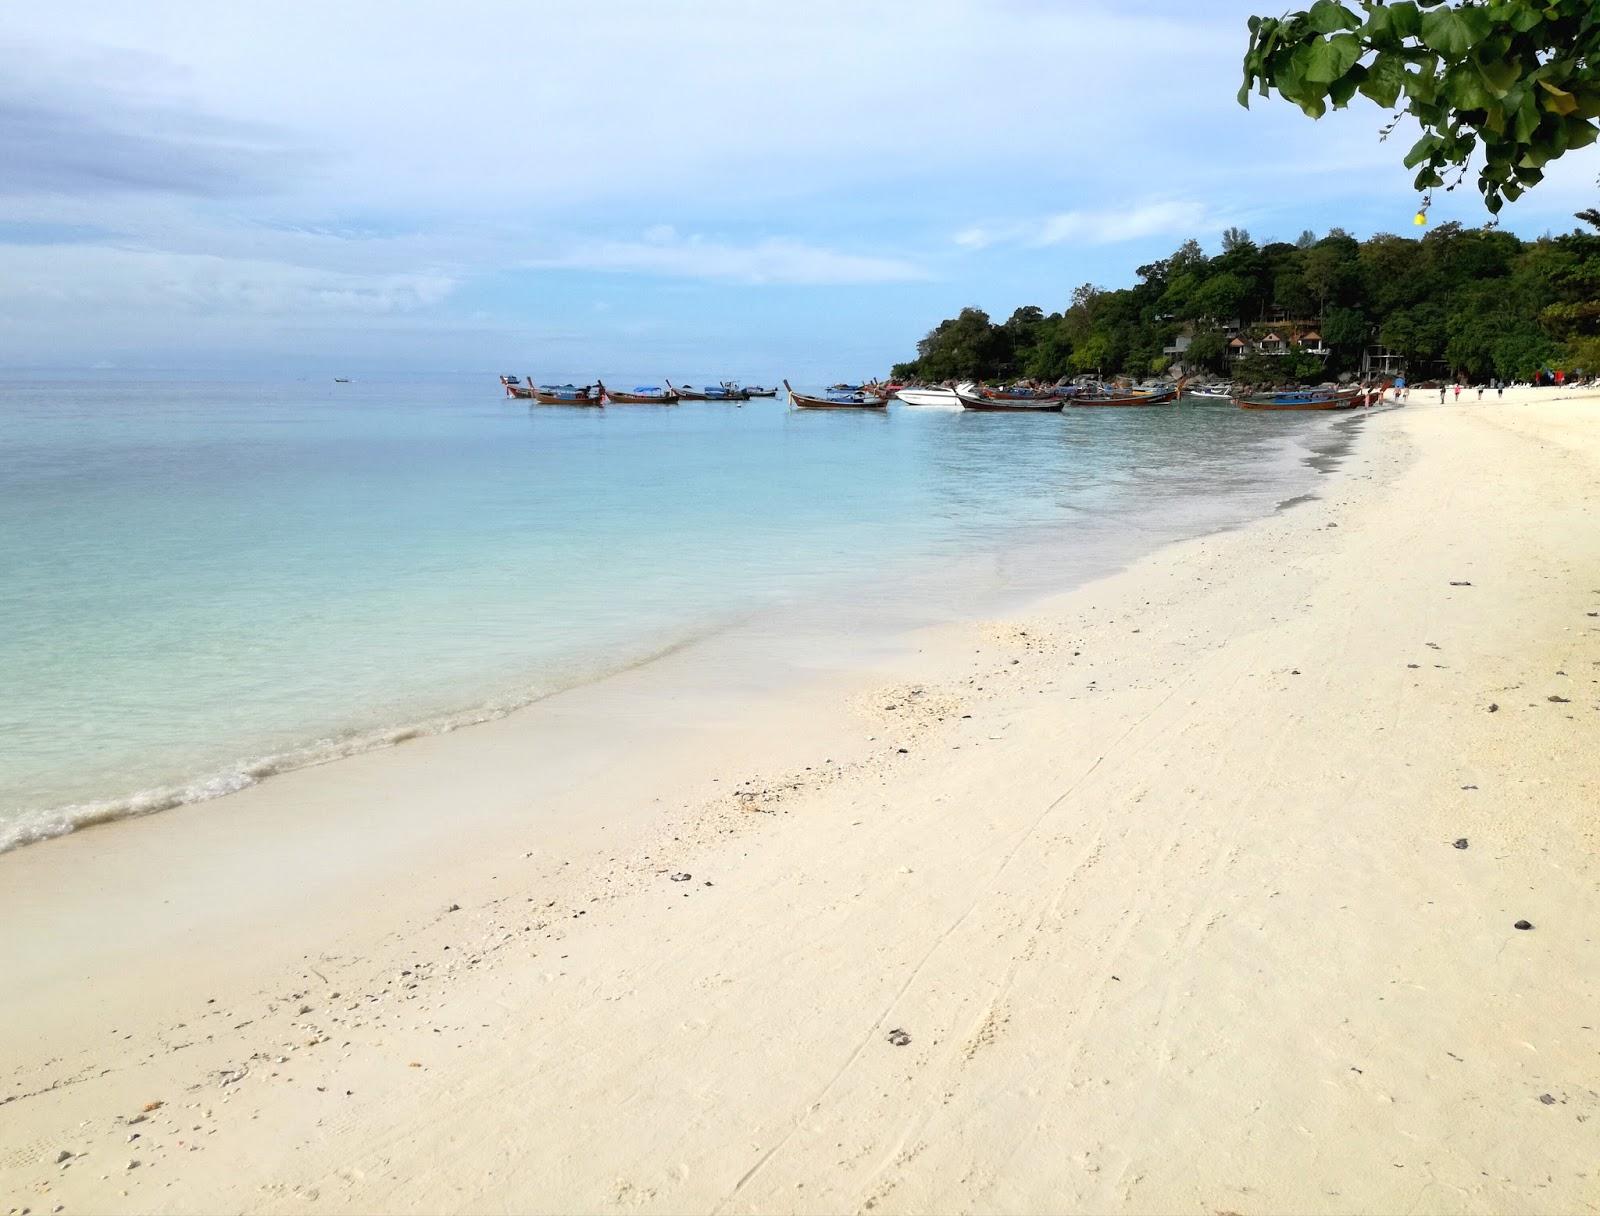 pattaya beach, thailandia